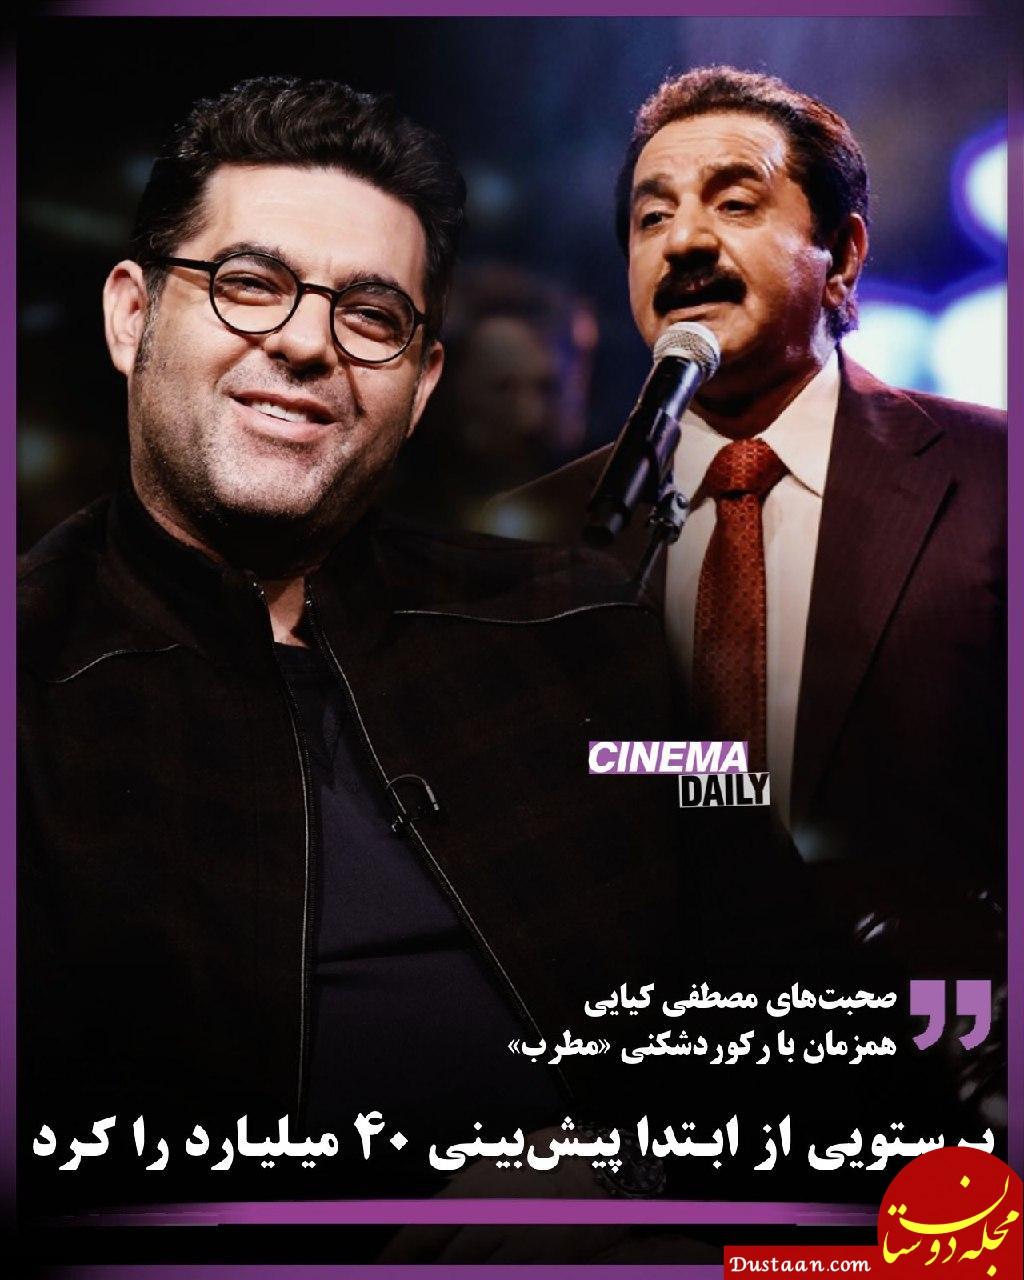 مصطفی کیایی: تعمدا طوری فیلم می سازم که به جشنواره فجر نرسد!